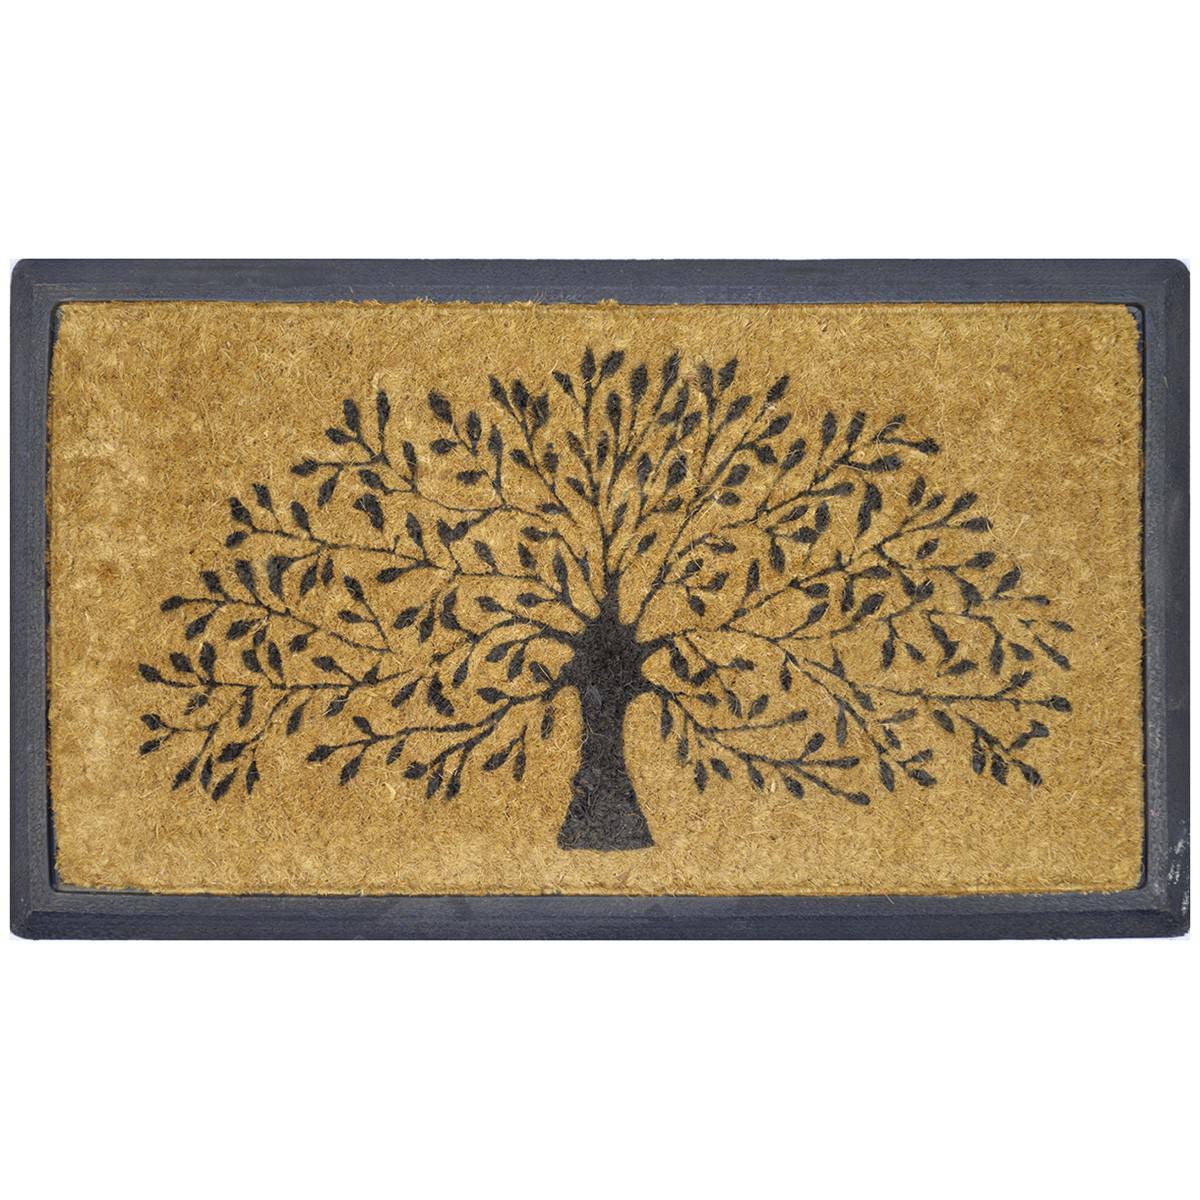 Tree of Life Coir & Rubber Doormat, 70x40cm